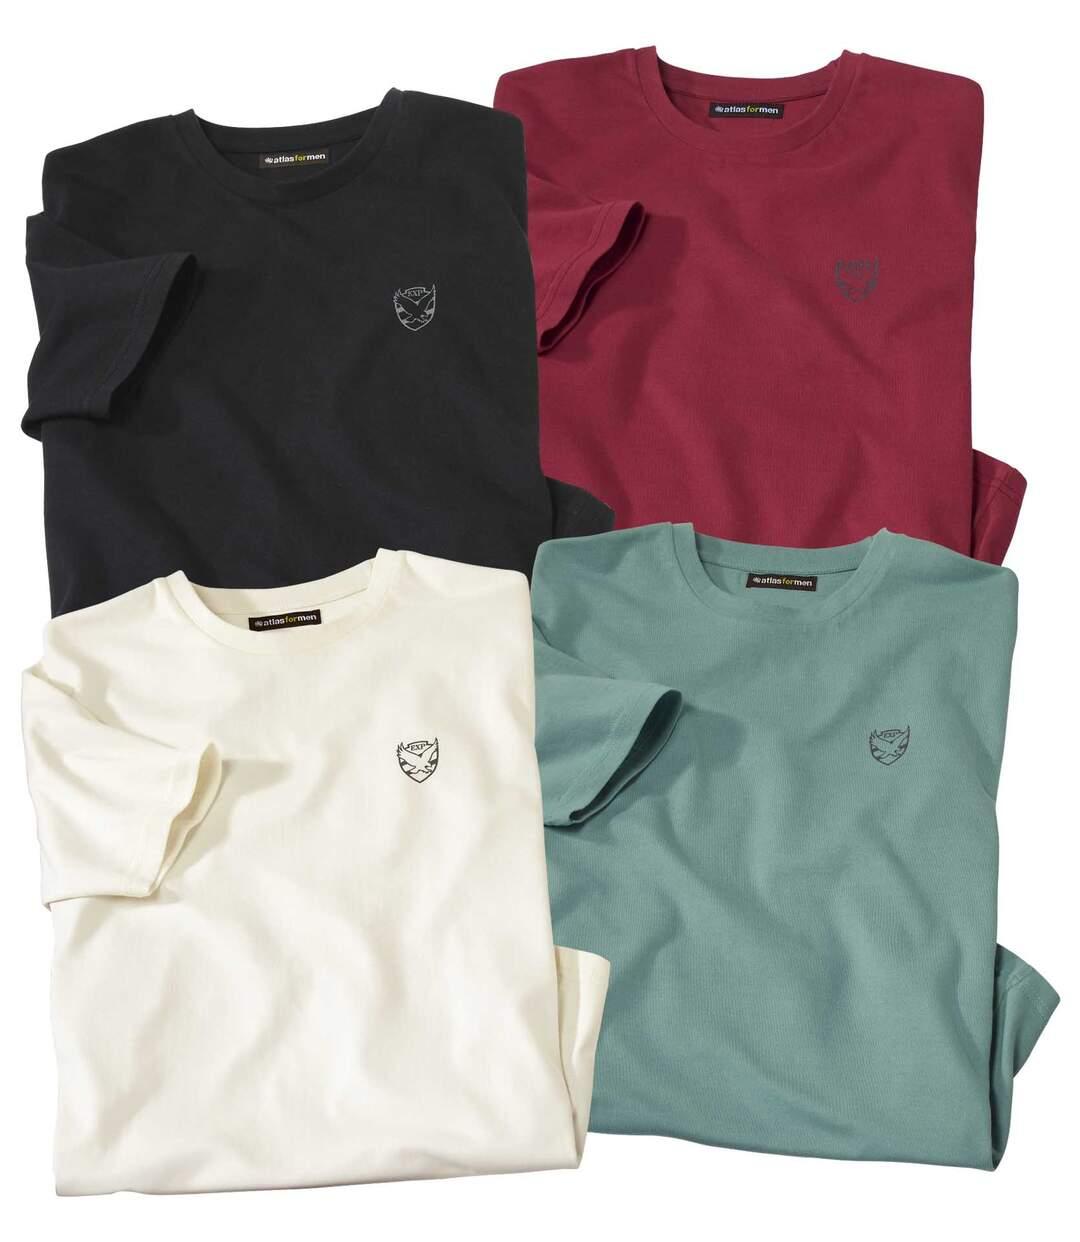 Zestaw 4 t-shirtów Eagle